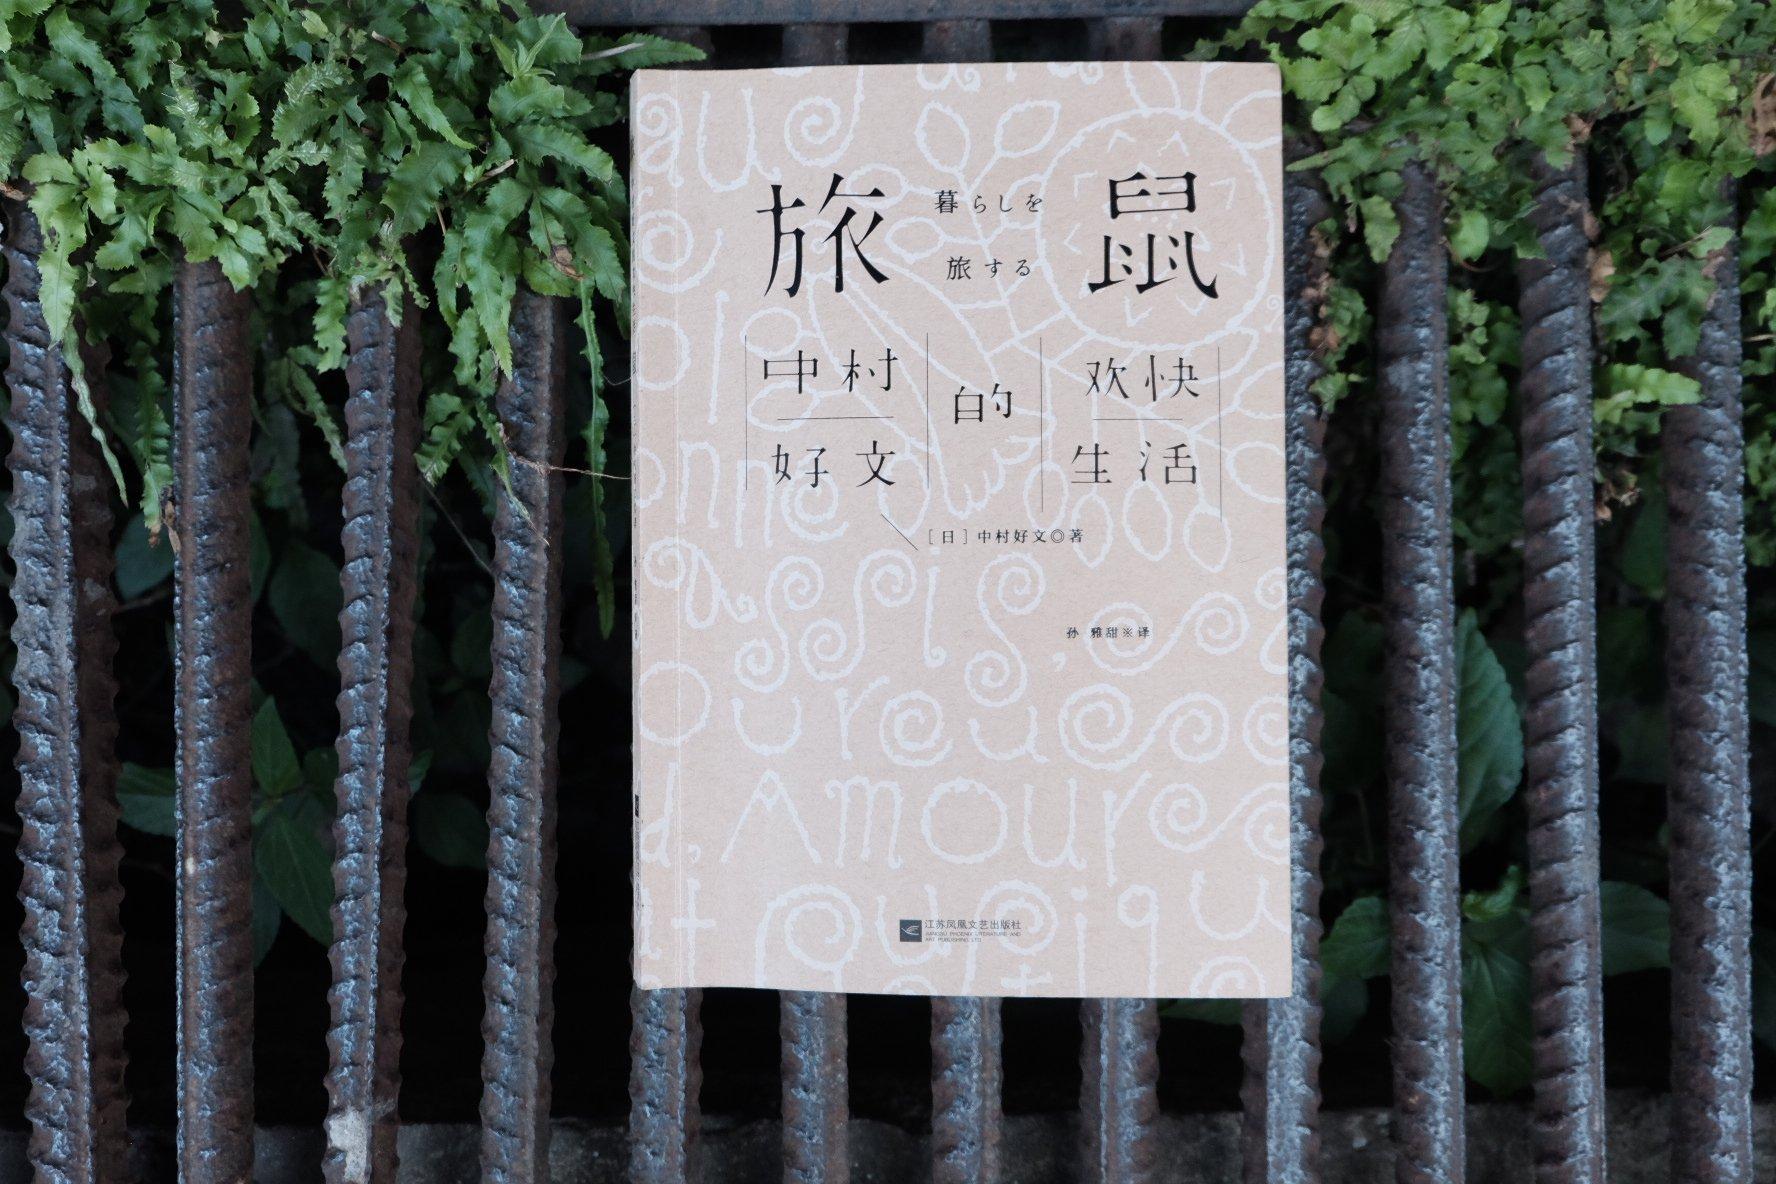 [日] 中村好文 著 / 孙雅甜 译 / 旅鼠:中村好文的欢快生活 / 江苏凤凰文艺出版社 / 楚尘文化